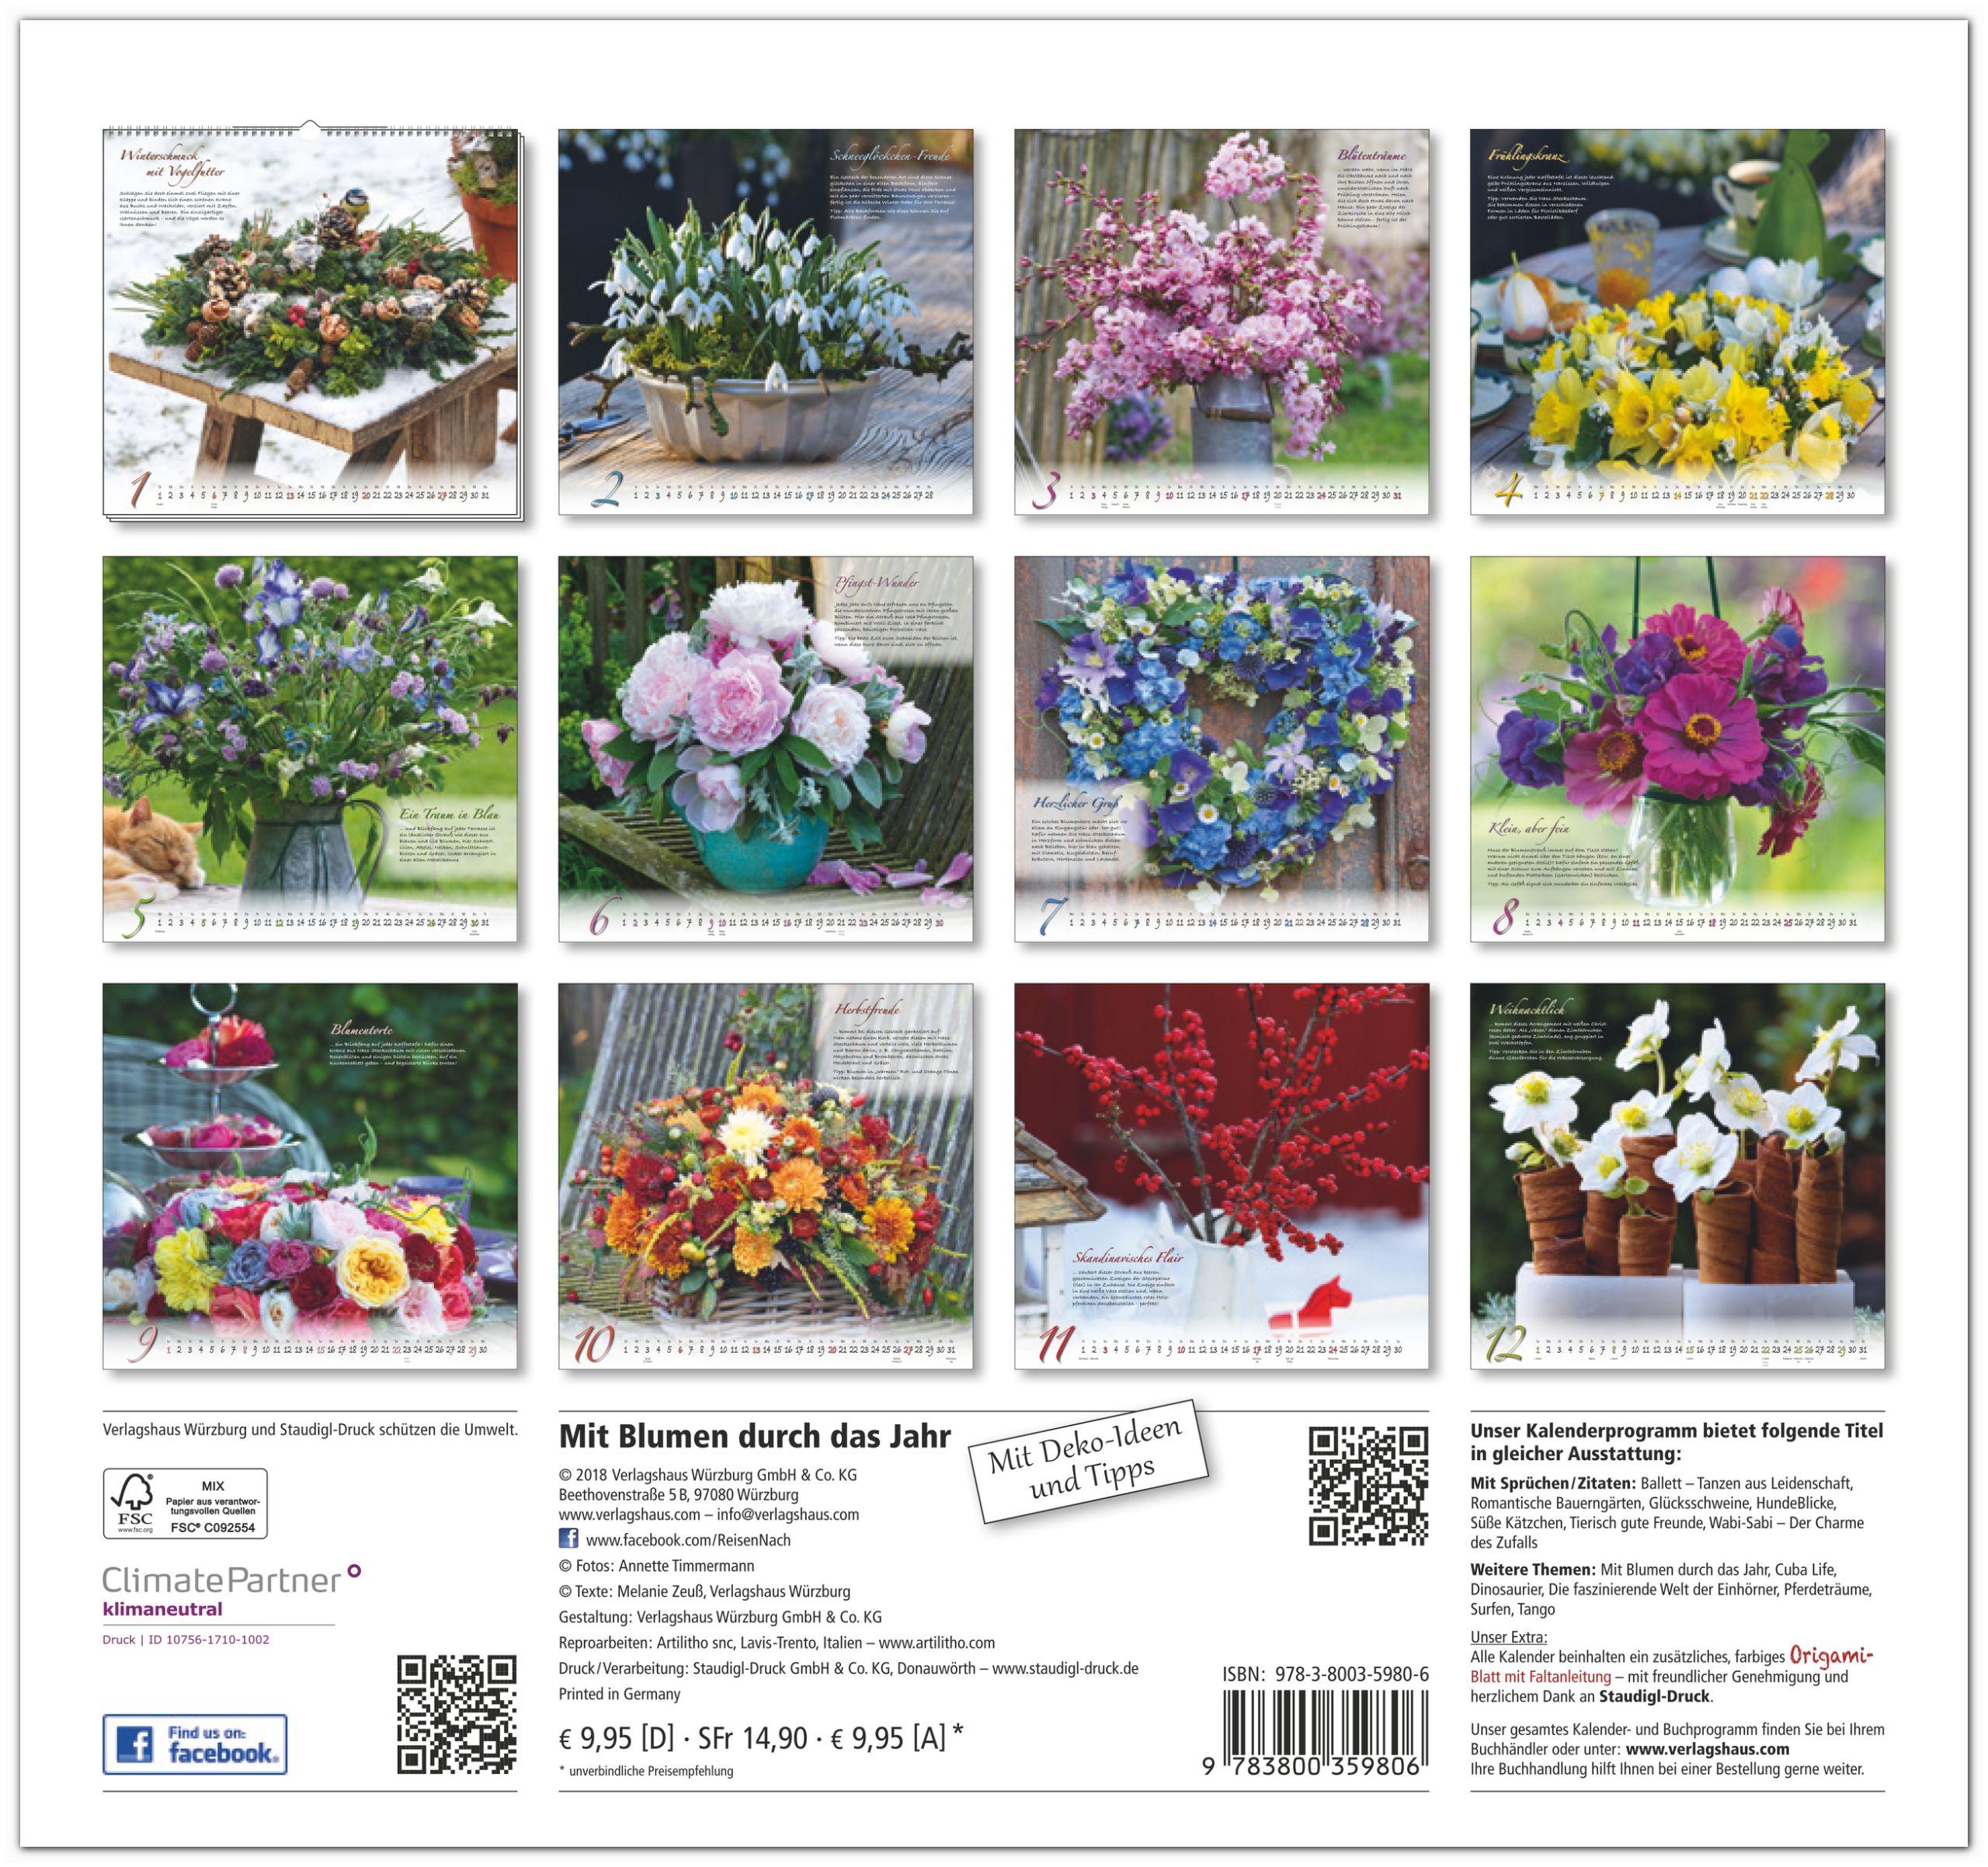 Mit Blumen durch das Jahr - Deko-Ideen für ihr Zuhause - Original ...